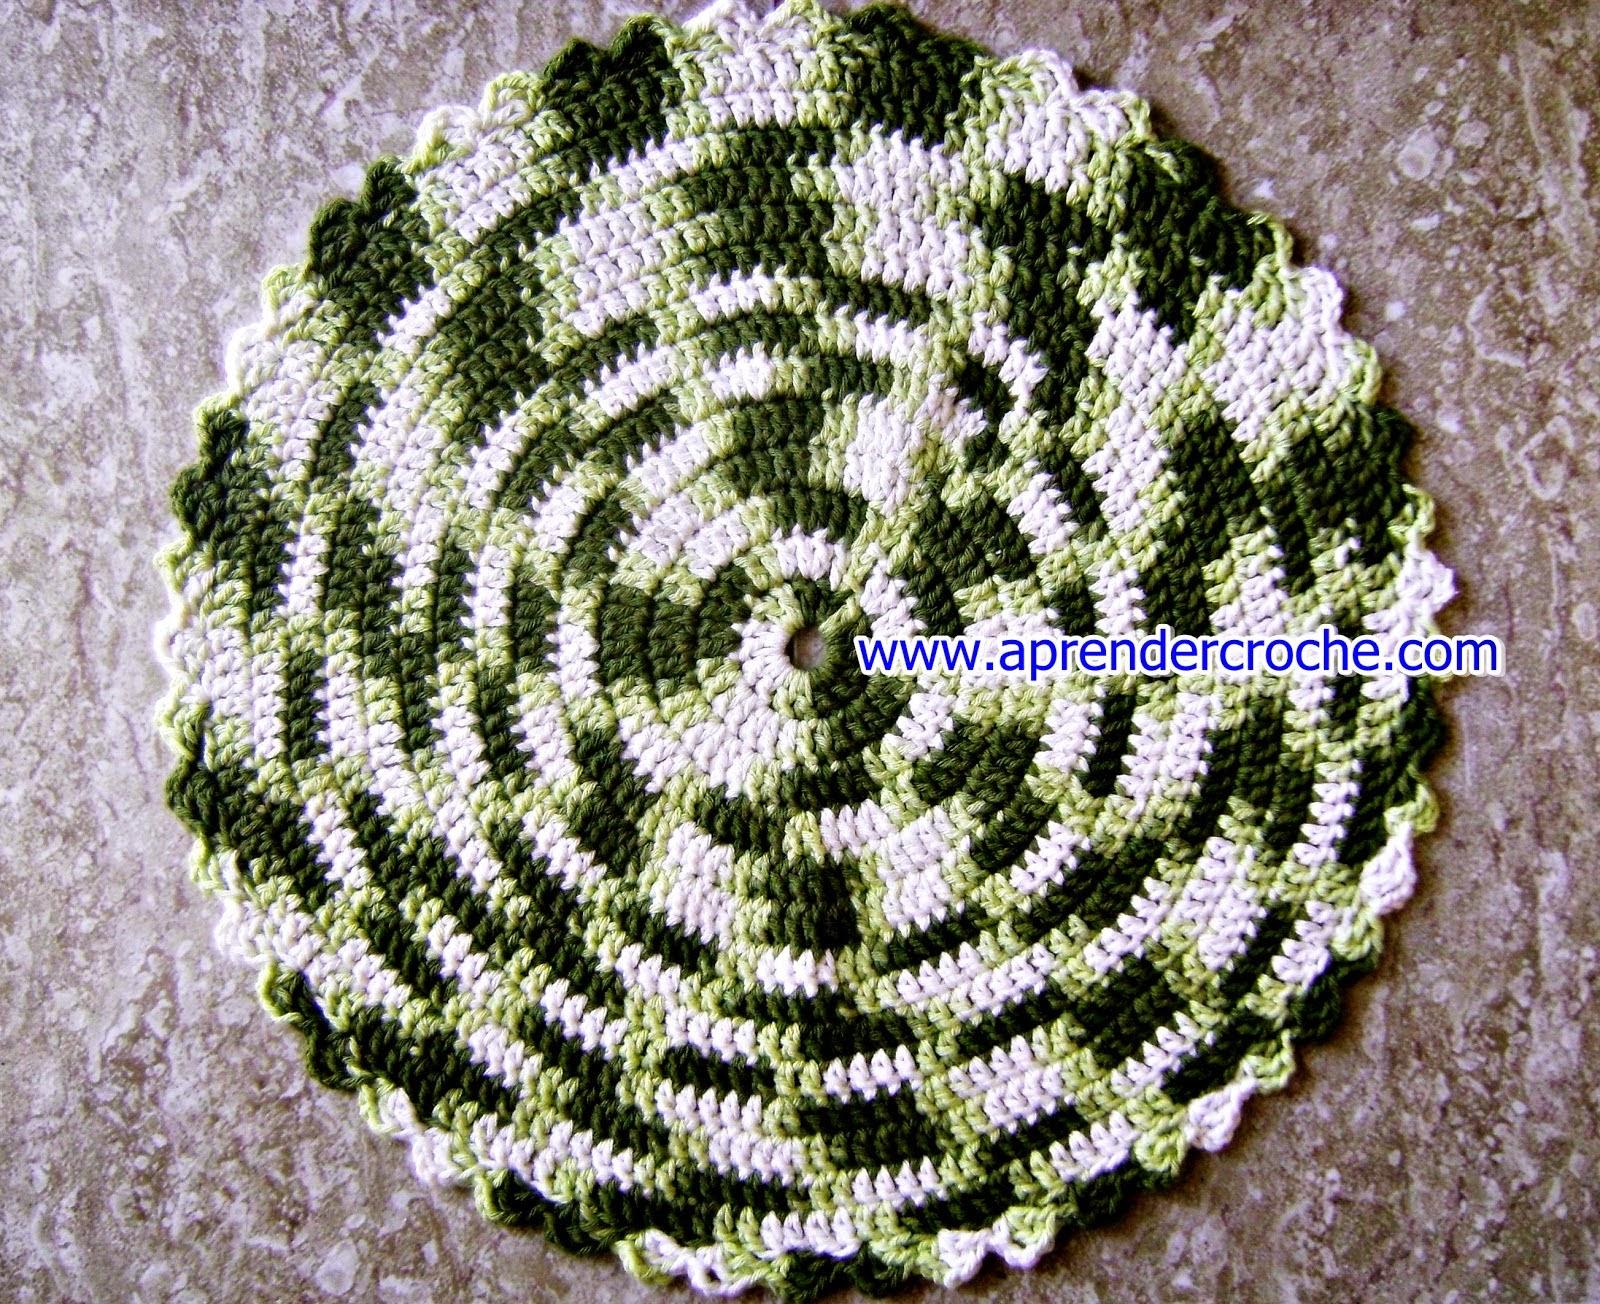 tapete em croche bicolor com girassol em aprender croche com Edinir-Croche na loja curso de croche